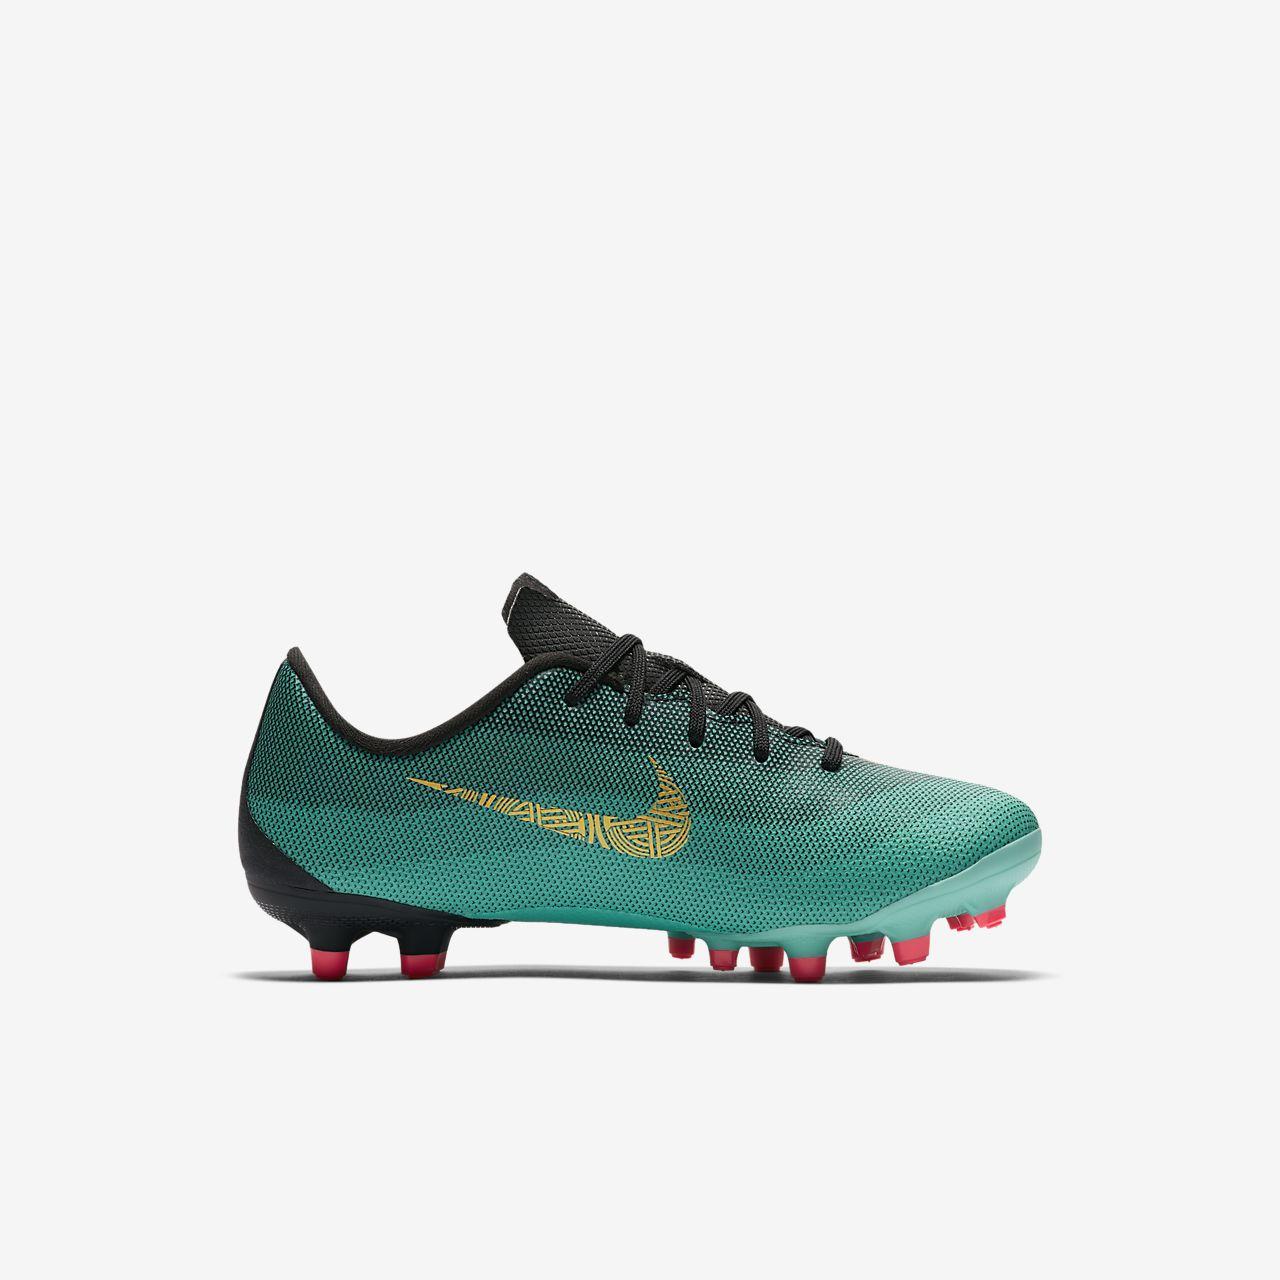 755779c98 Acquista 2 OFF QUALSIASI scarpe da calcio mercurial cr7 CASE E ...